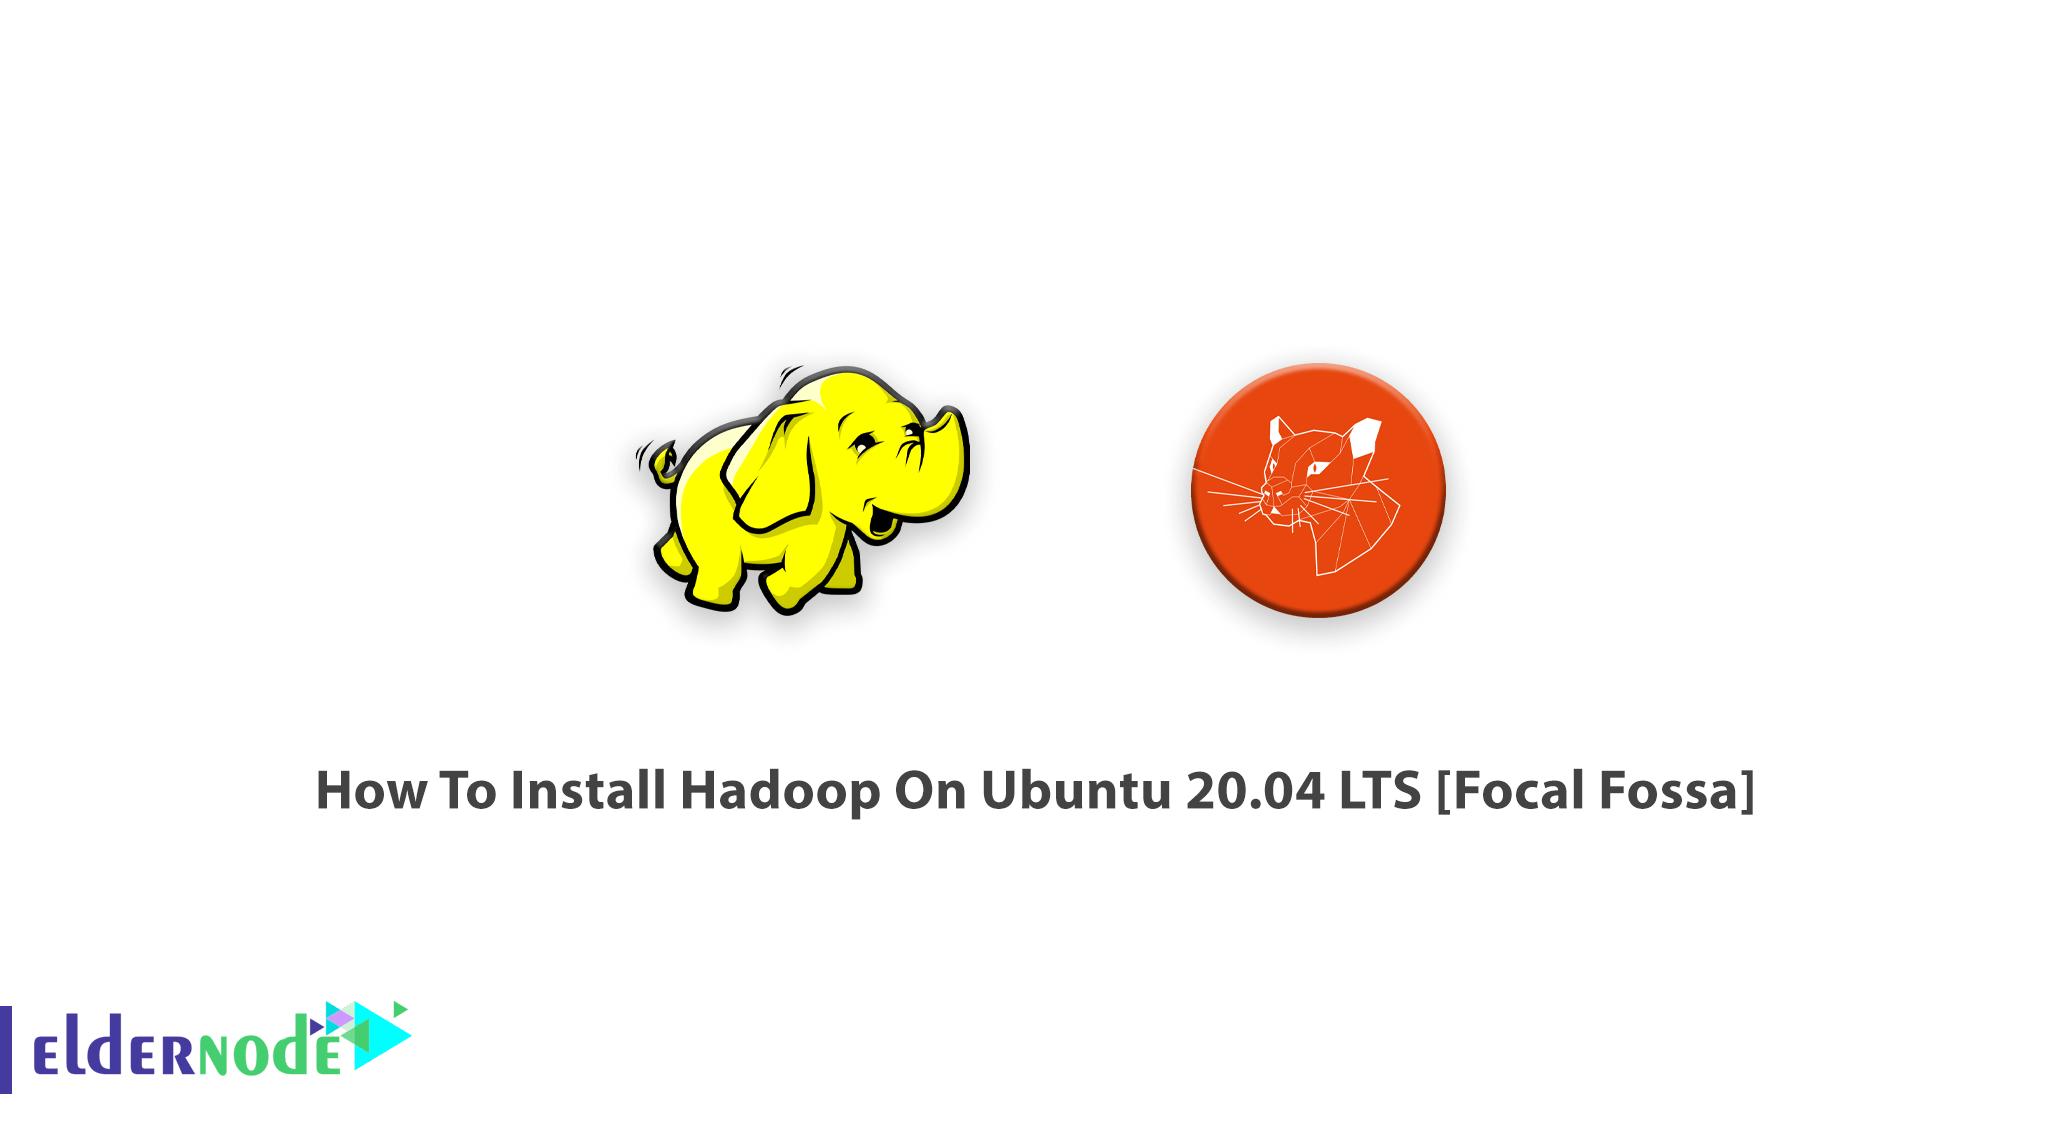 How To Install Hadoop On Ubuntu 20.04 LTS [Focal Fossa]